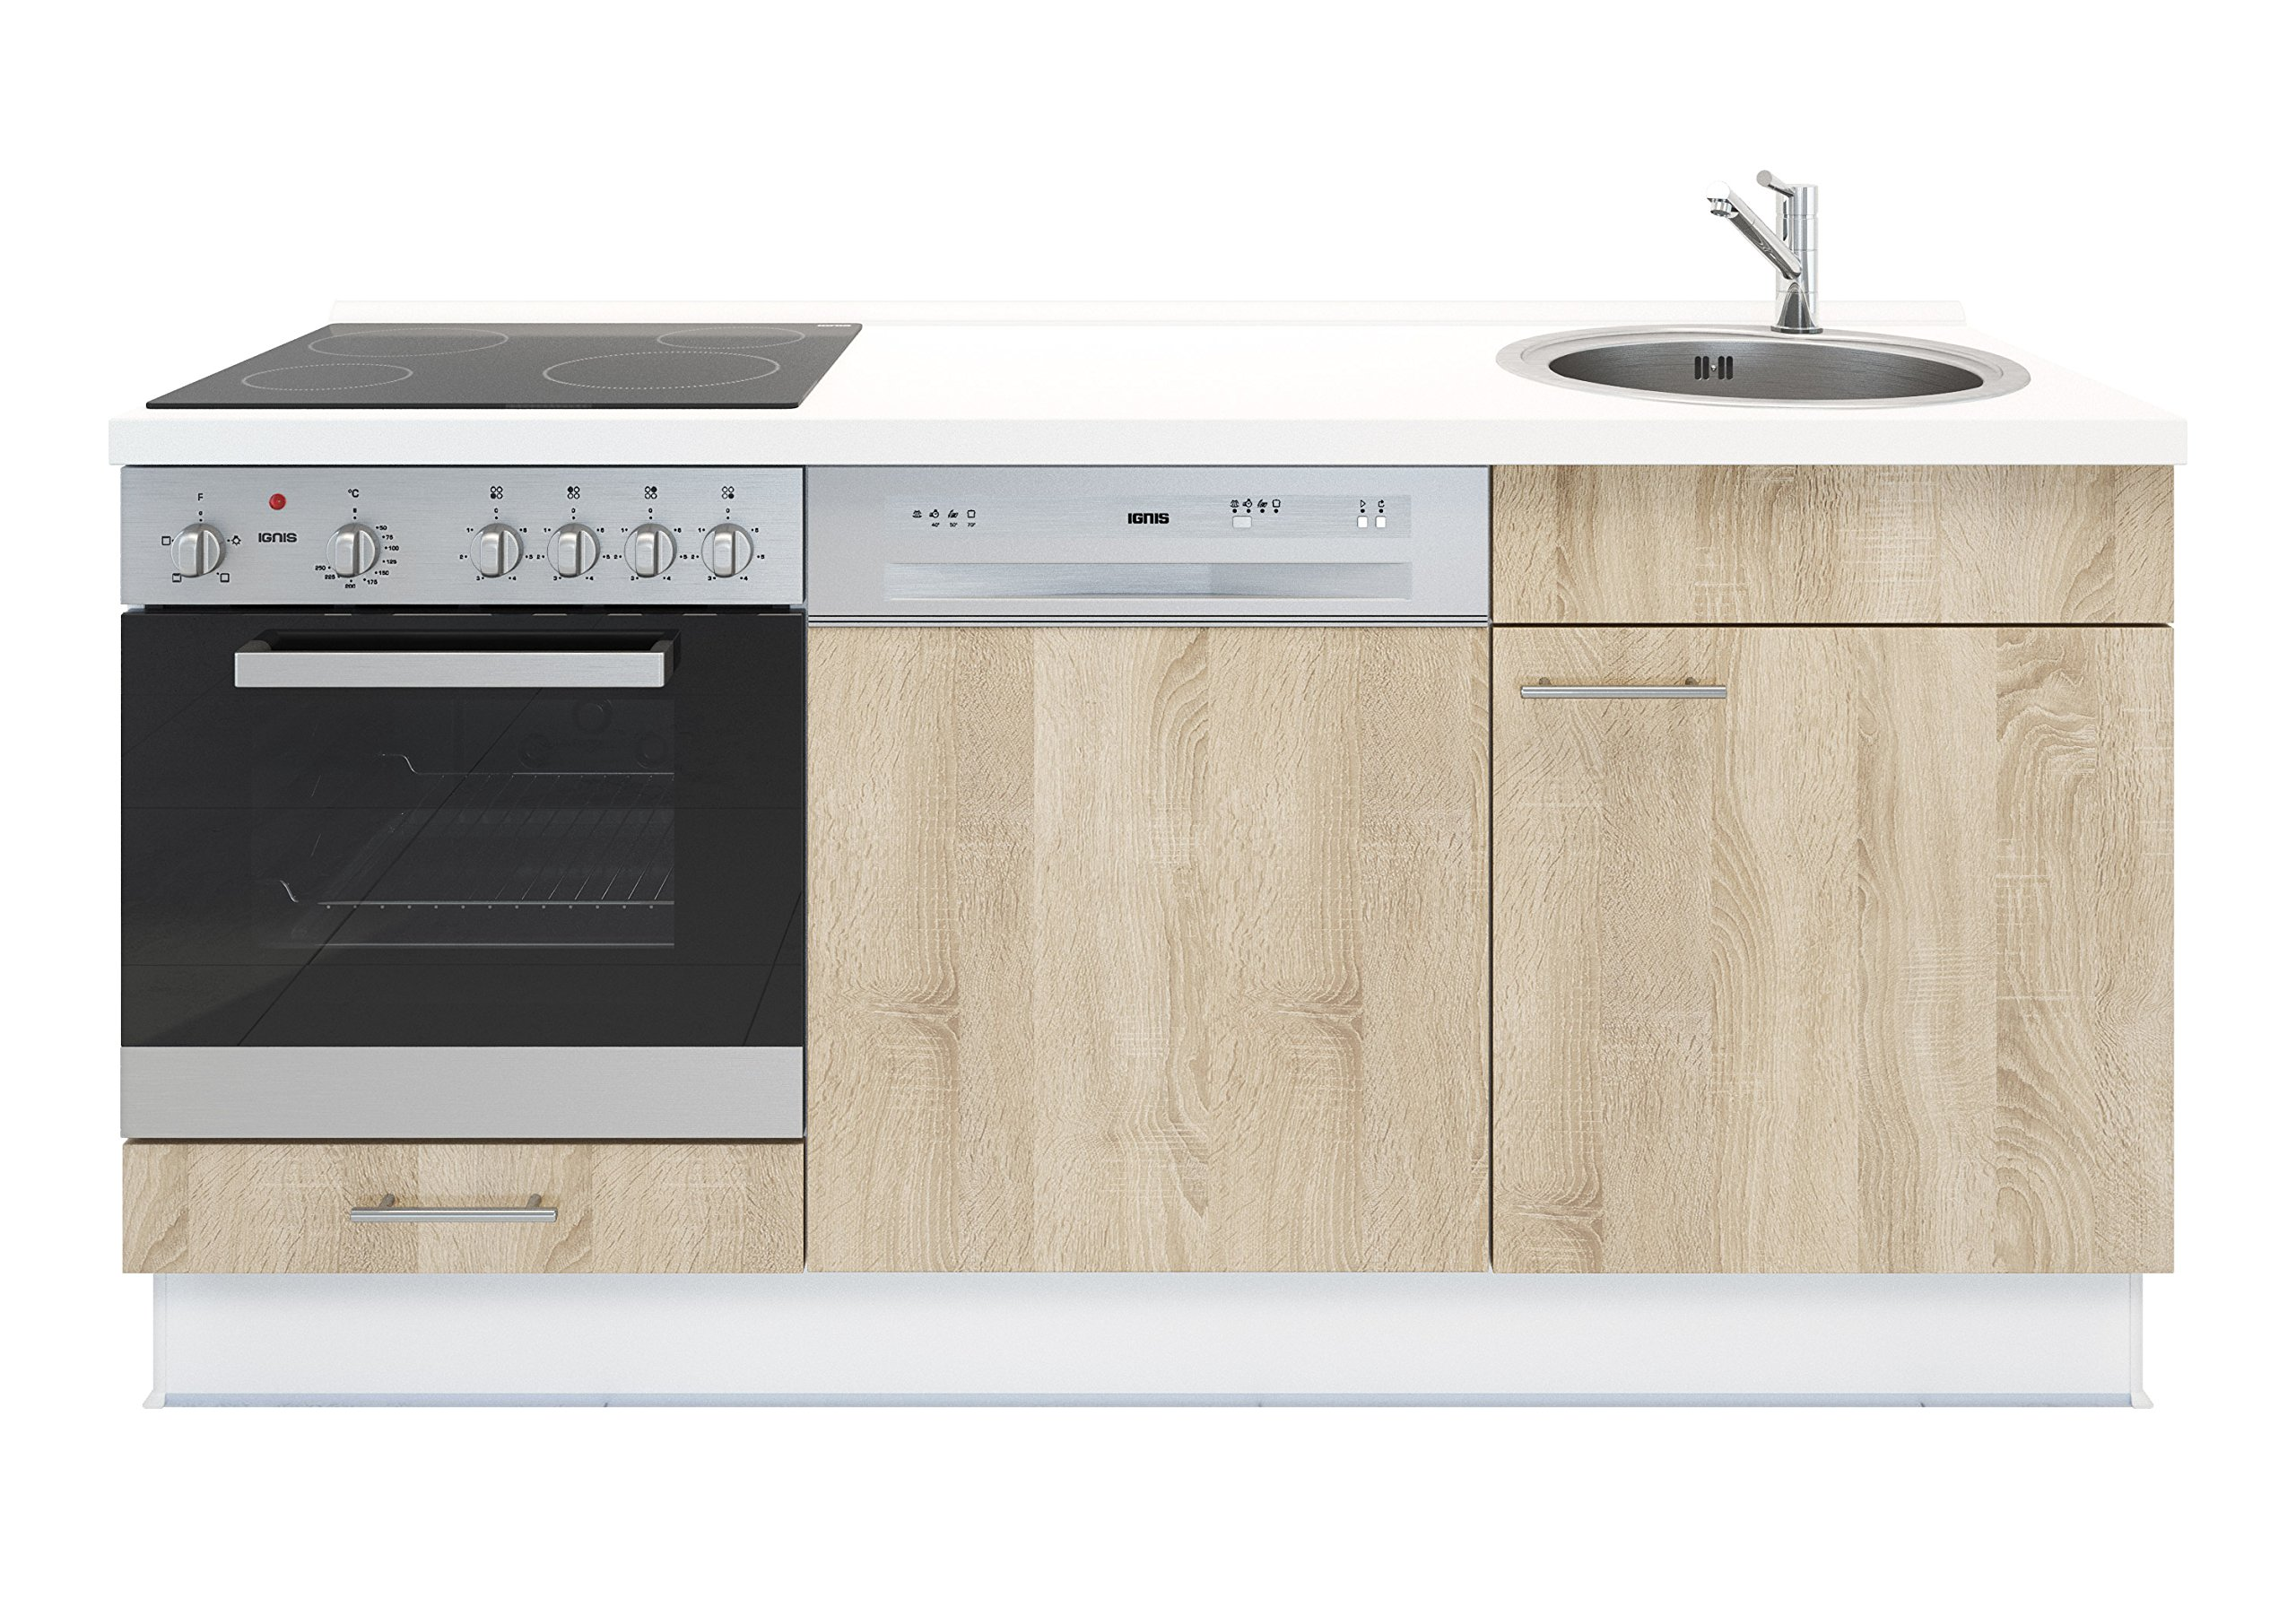 Miniküche Mit Kühlschrank Und Geschirrspüler : Miniküche mit geschirrspüler spüle ofen kochfeld arbeitsplatte